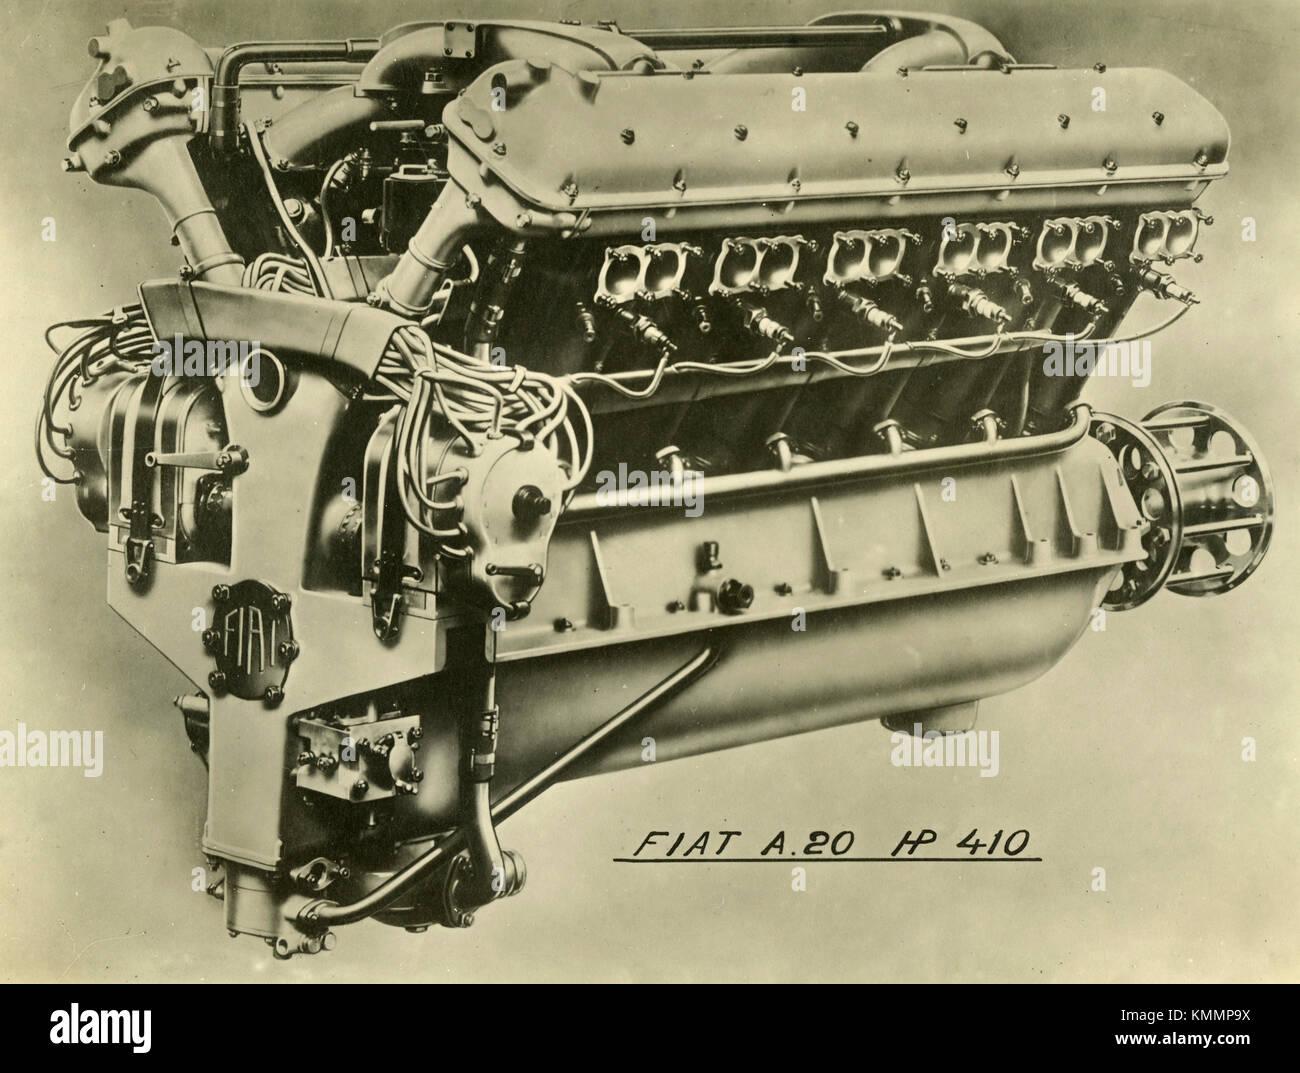 Moteur FIAT A.20 de l'aviation 410 HP, Italie 1920 Photo Stock